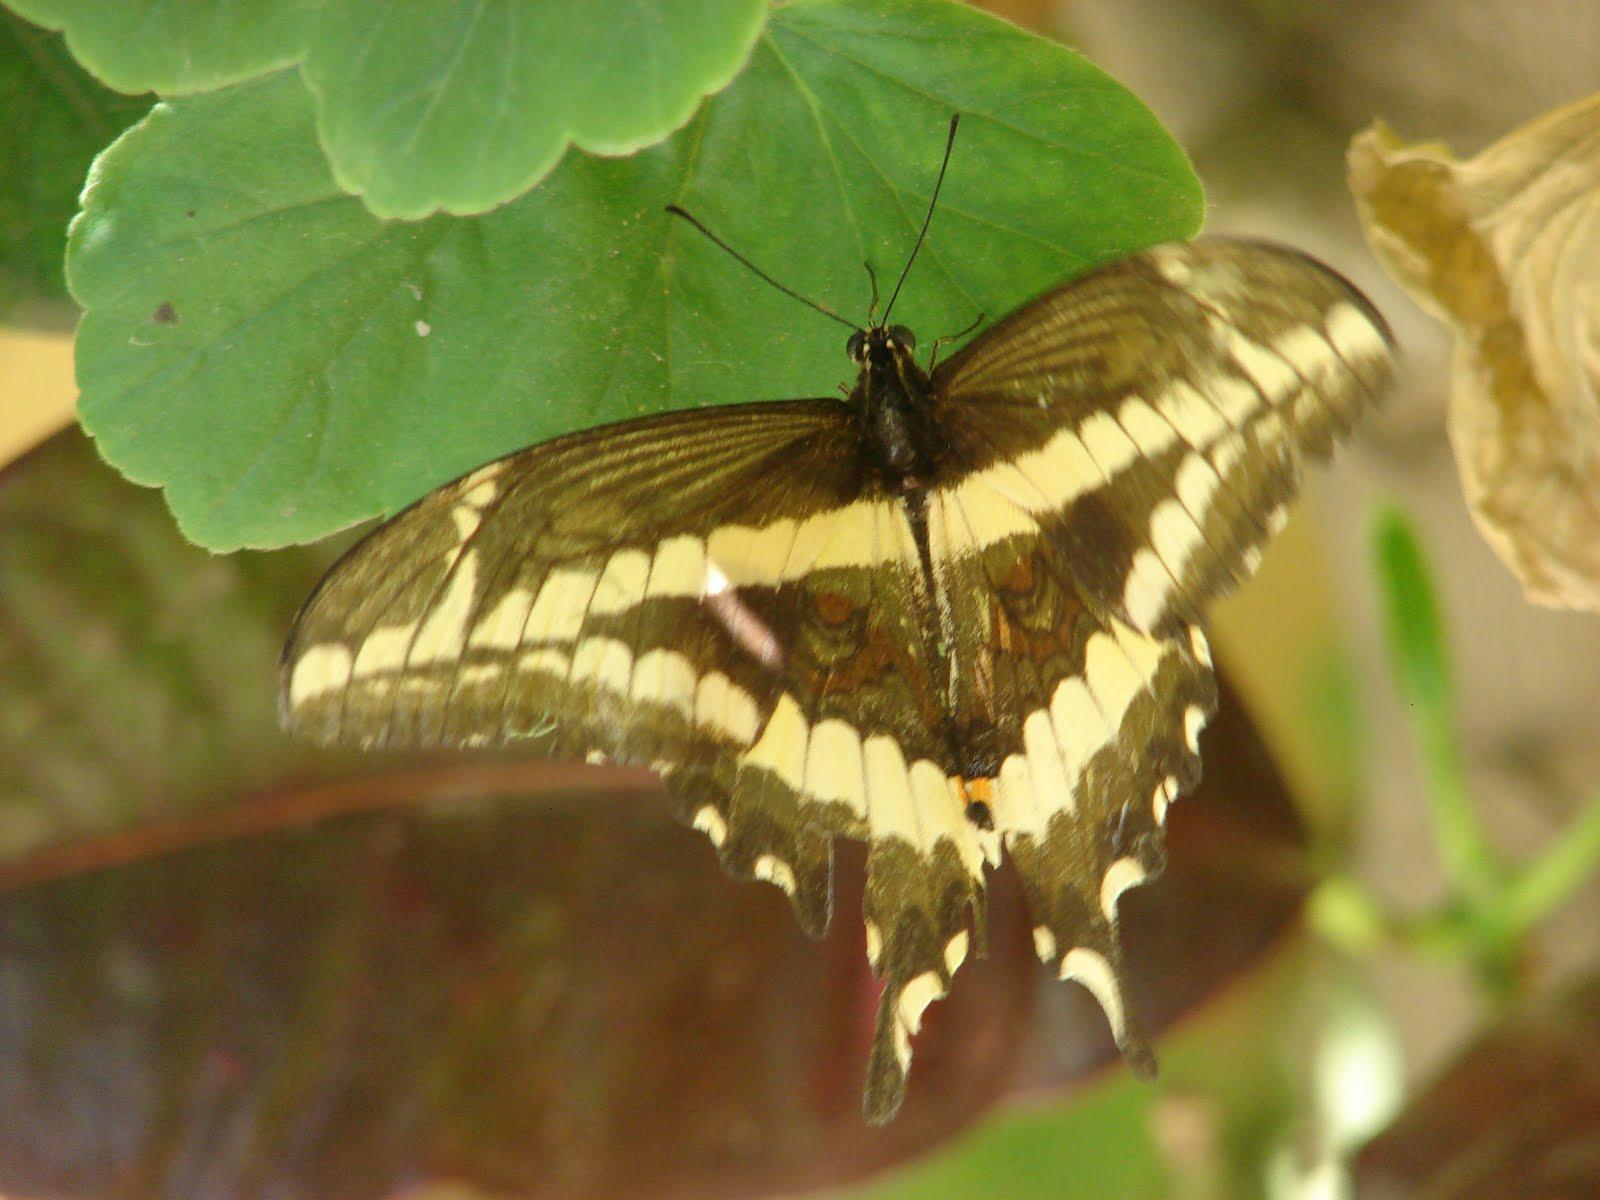 17-febrero-18-19-20-21...2011,super mensajes en Mariposas Alienes y OIvni triangulares peligrosos s